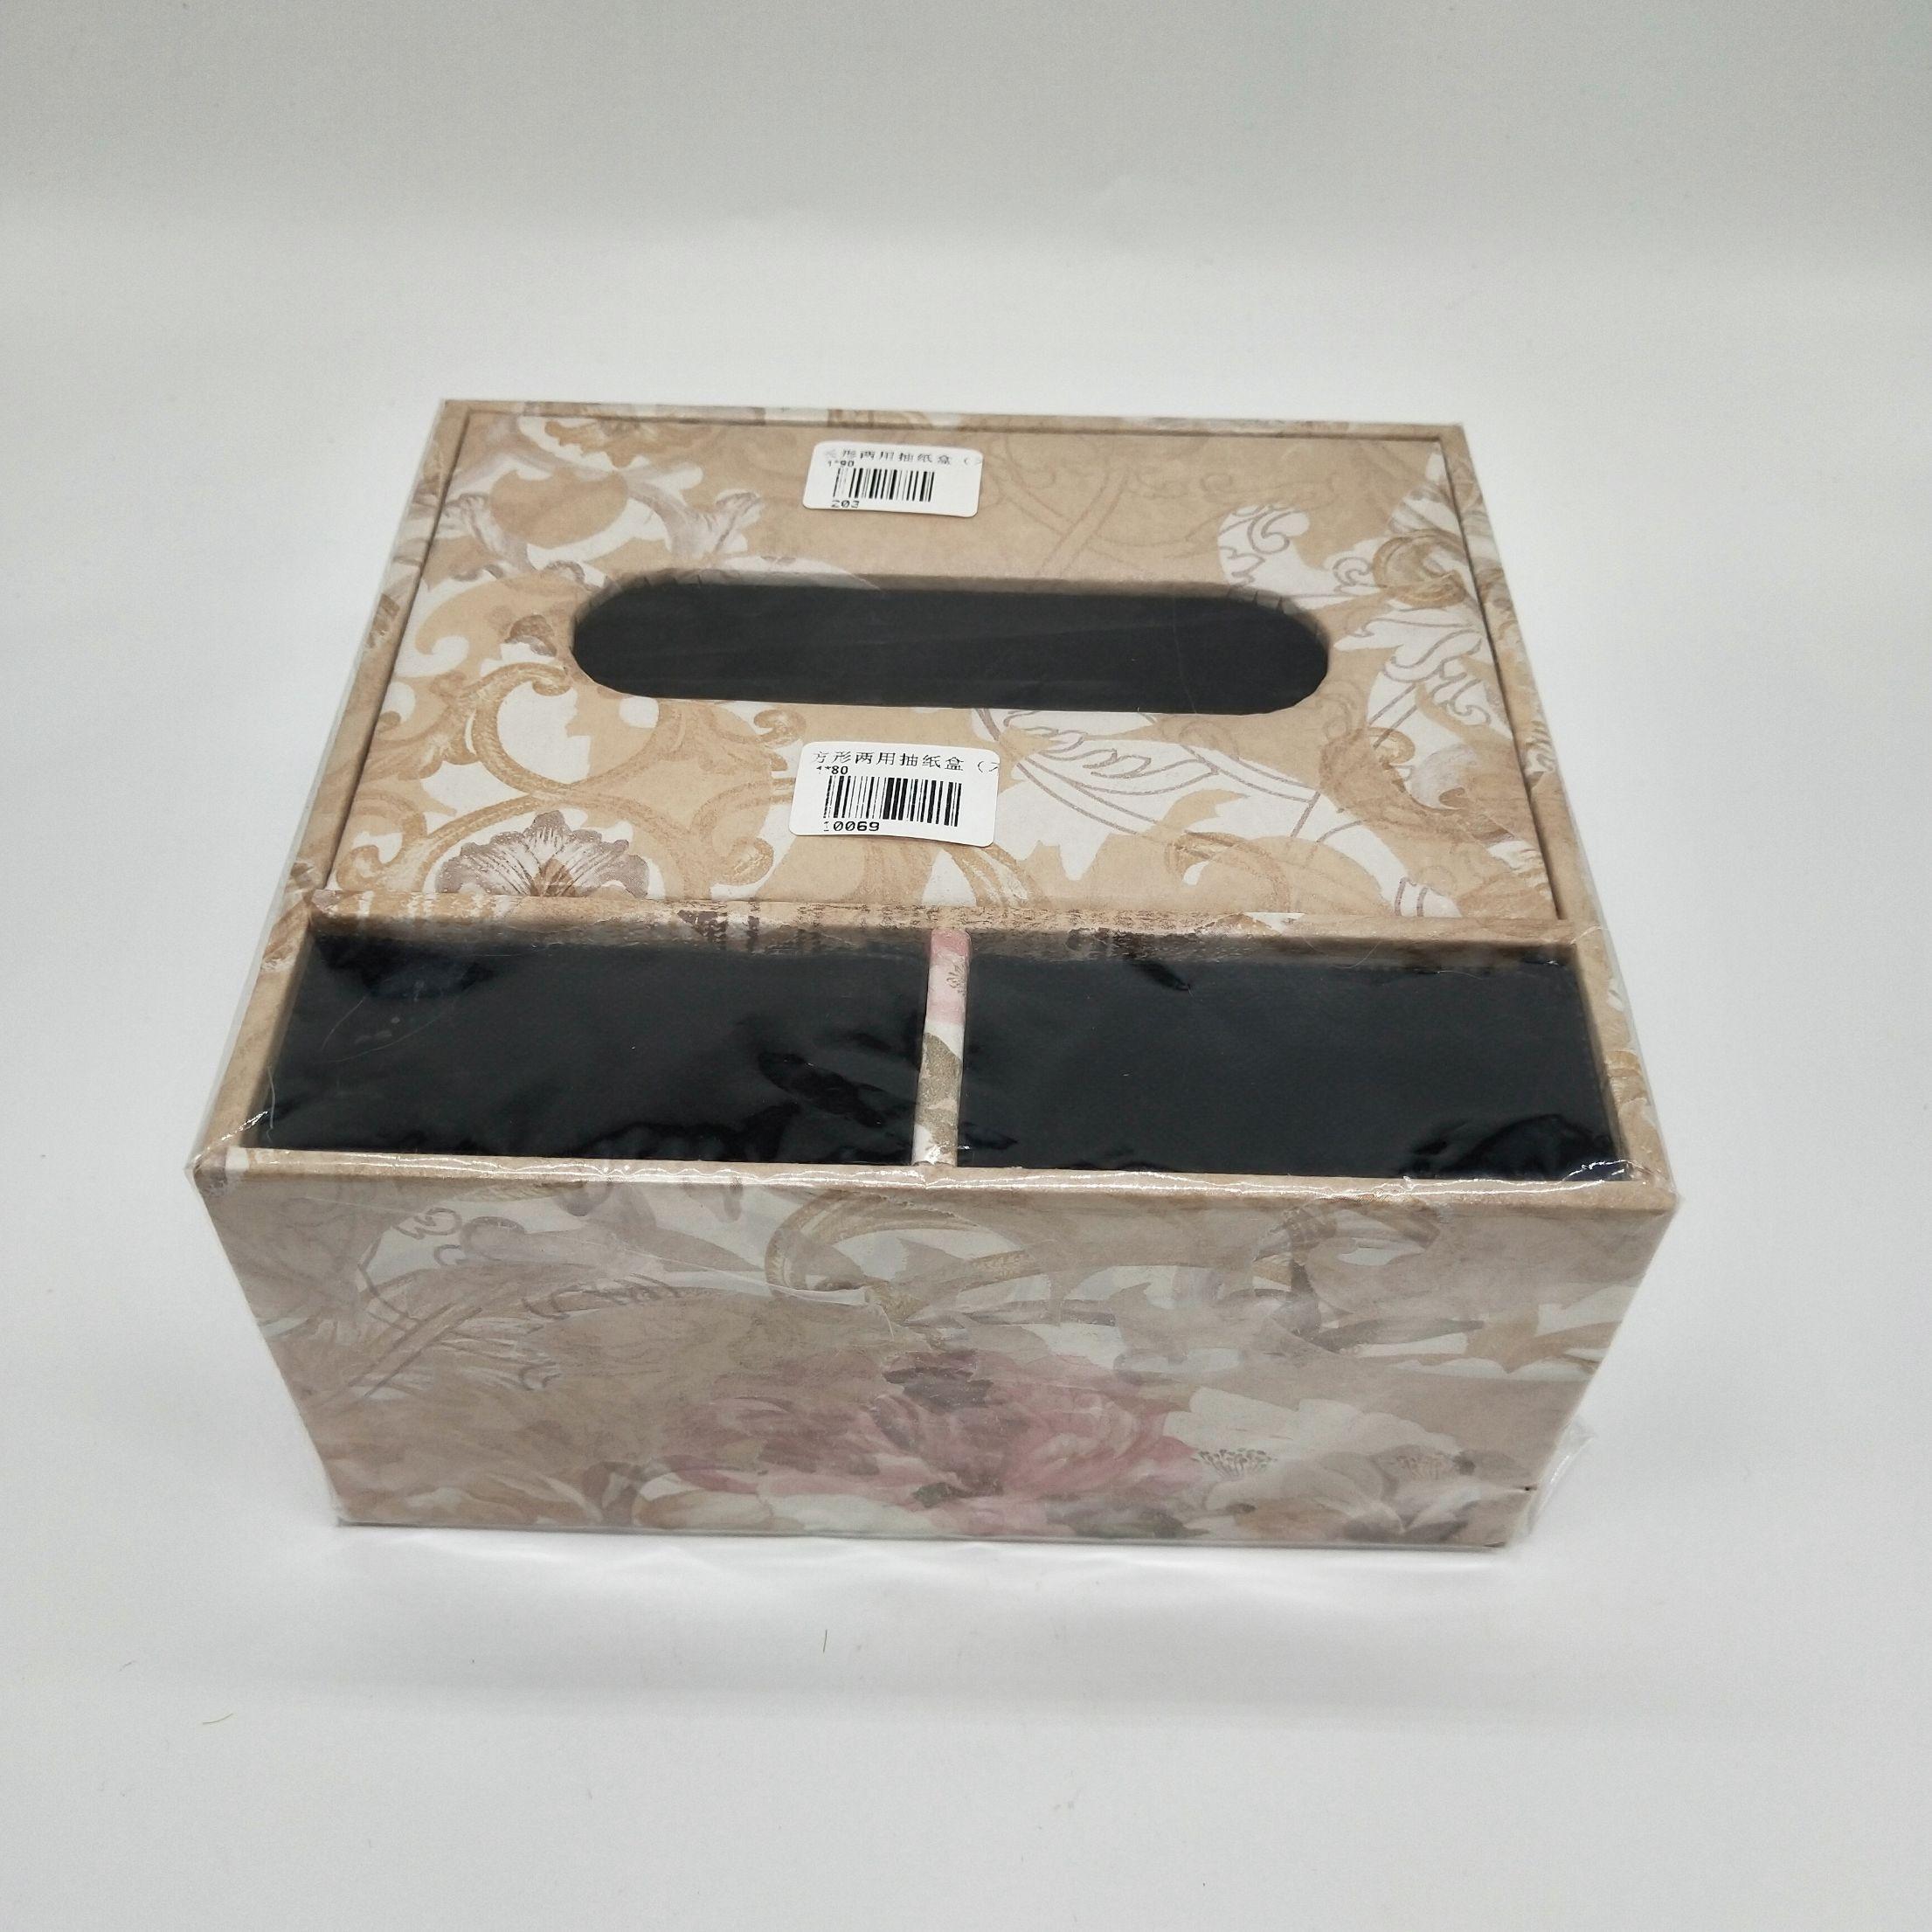 方形两用抽纸盒办公桌纸盒家商两用抽纸盒